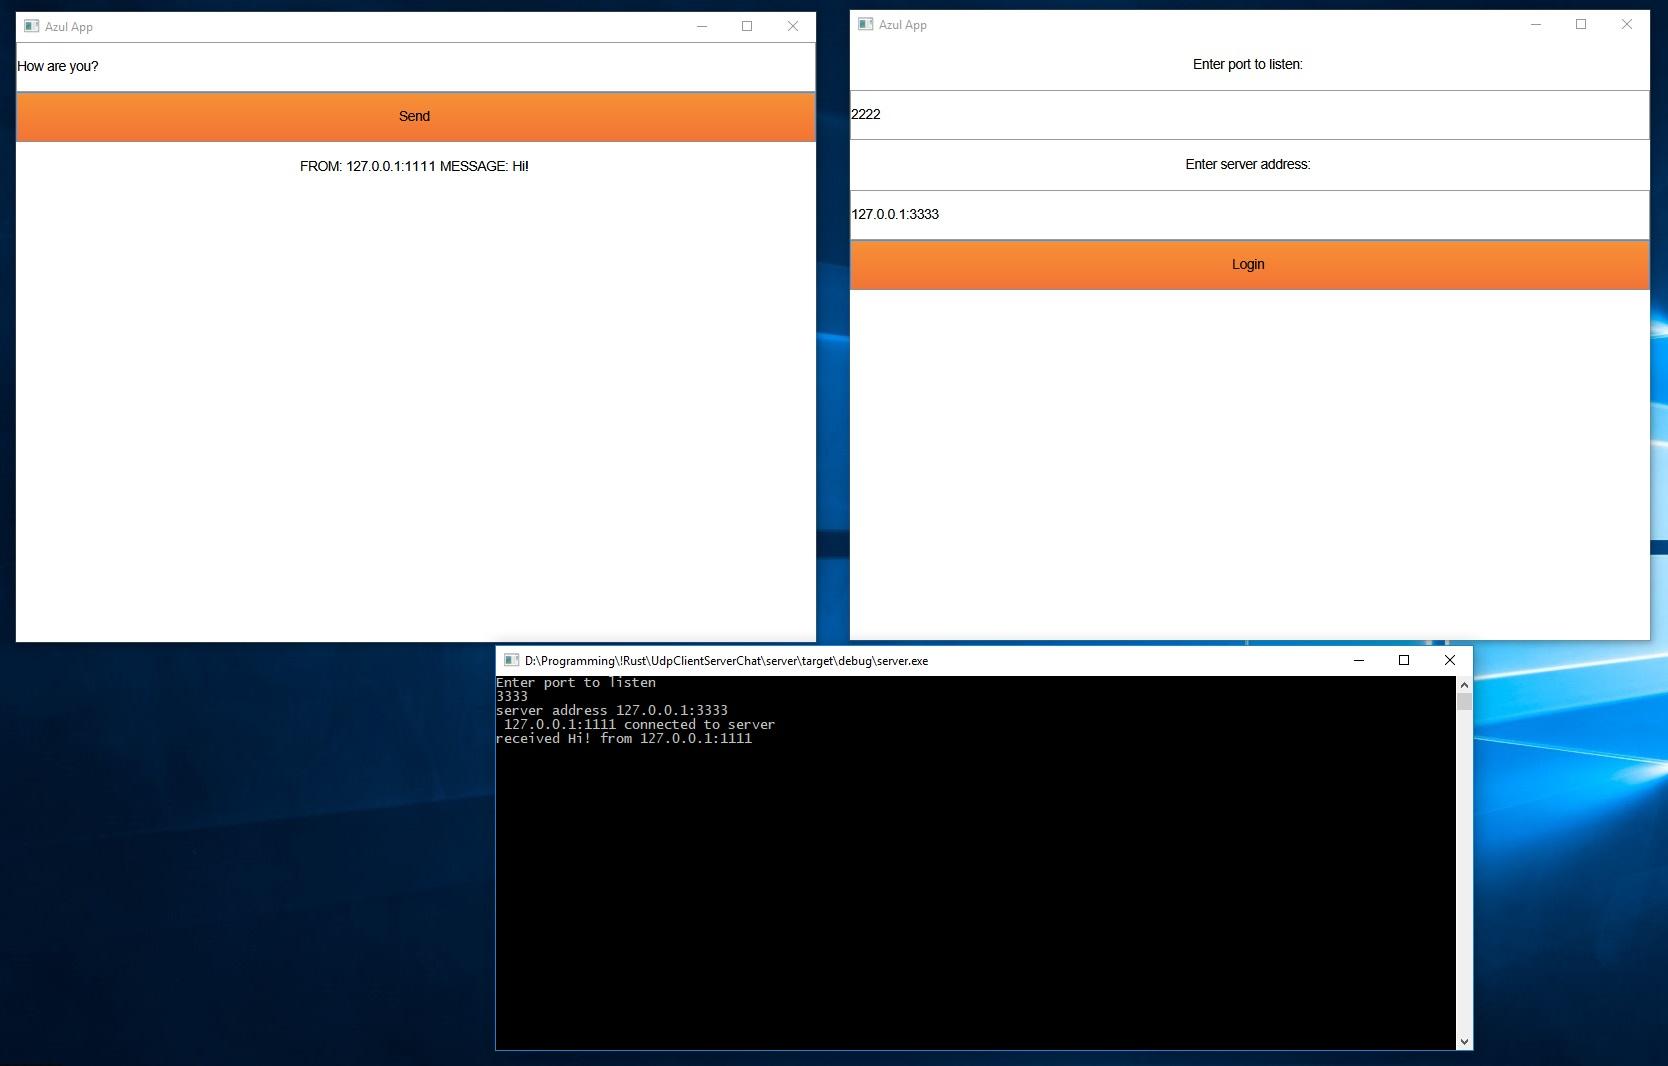 Изучаю Rust: Как я UDP чат сделал c Azul - 1